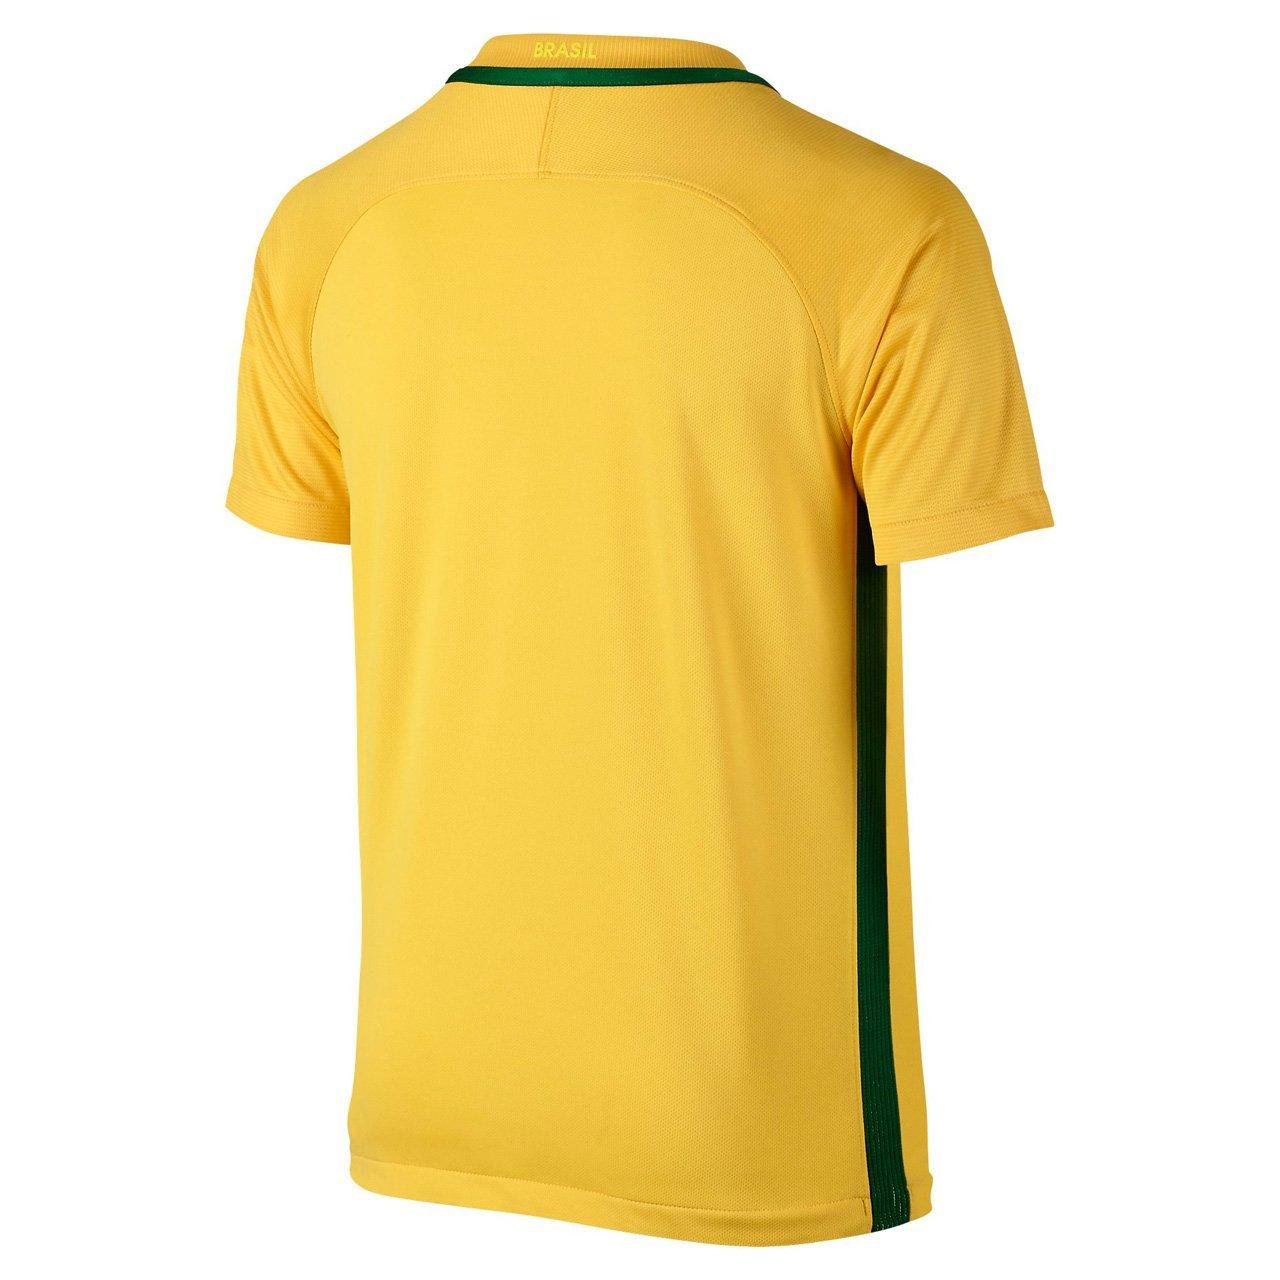 011459b2ed036 Nike CBF YTH SS AW Stadium JSY - Camiseta Oficial  Amazon.es  Zapatos y  complementos